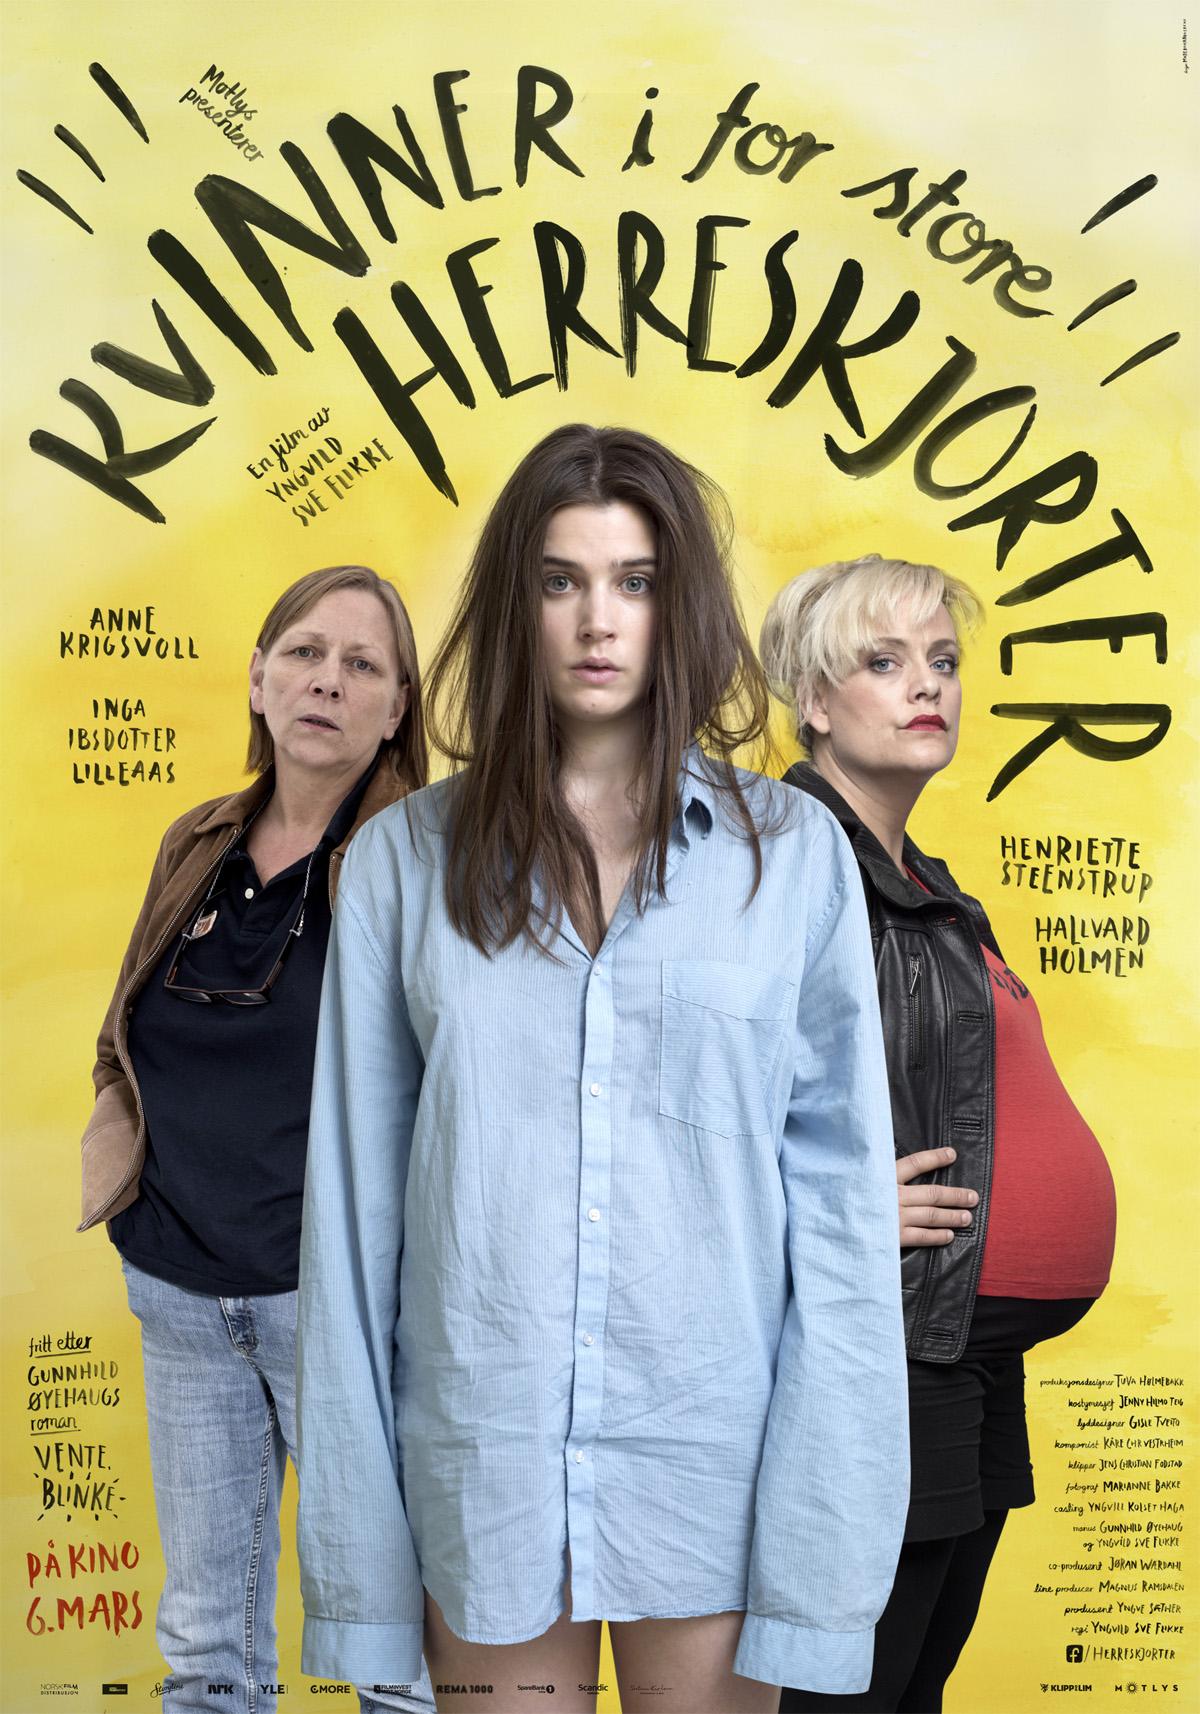 «Kvinner i for store herreskjorter» – kinoplakat